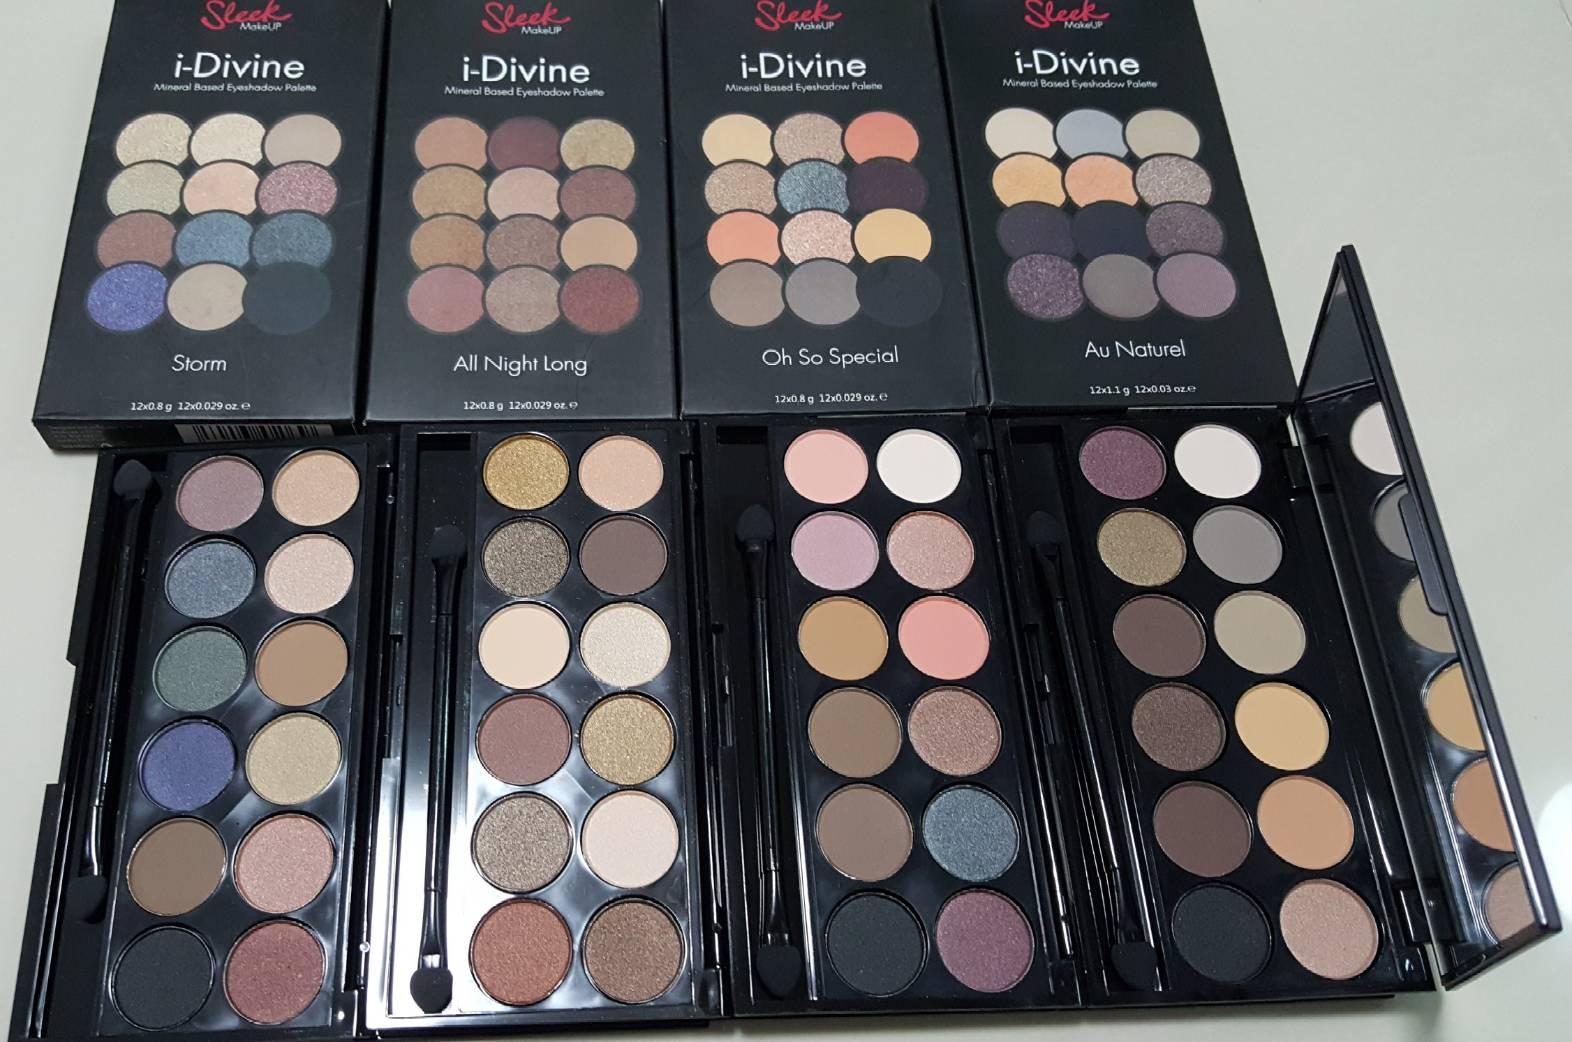 sleek i-divine eyeshadow palette ทาตาอายแชโดว์ 12 สีงานเหมือนเค้าเตอร์เป๊ะมาก 2